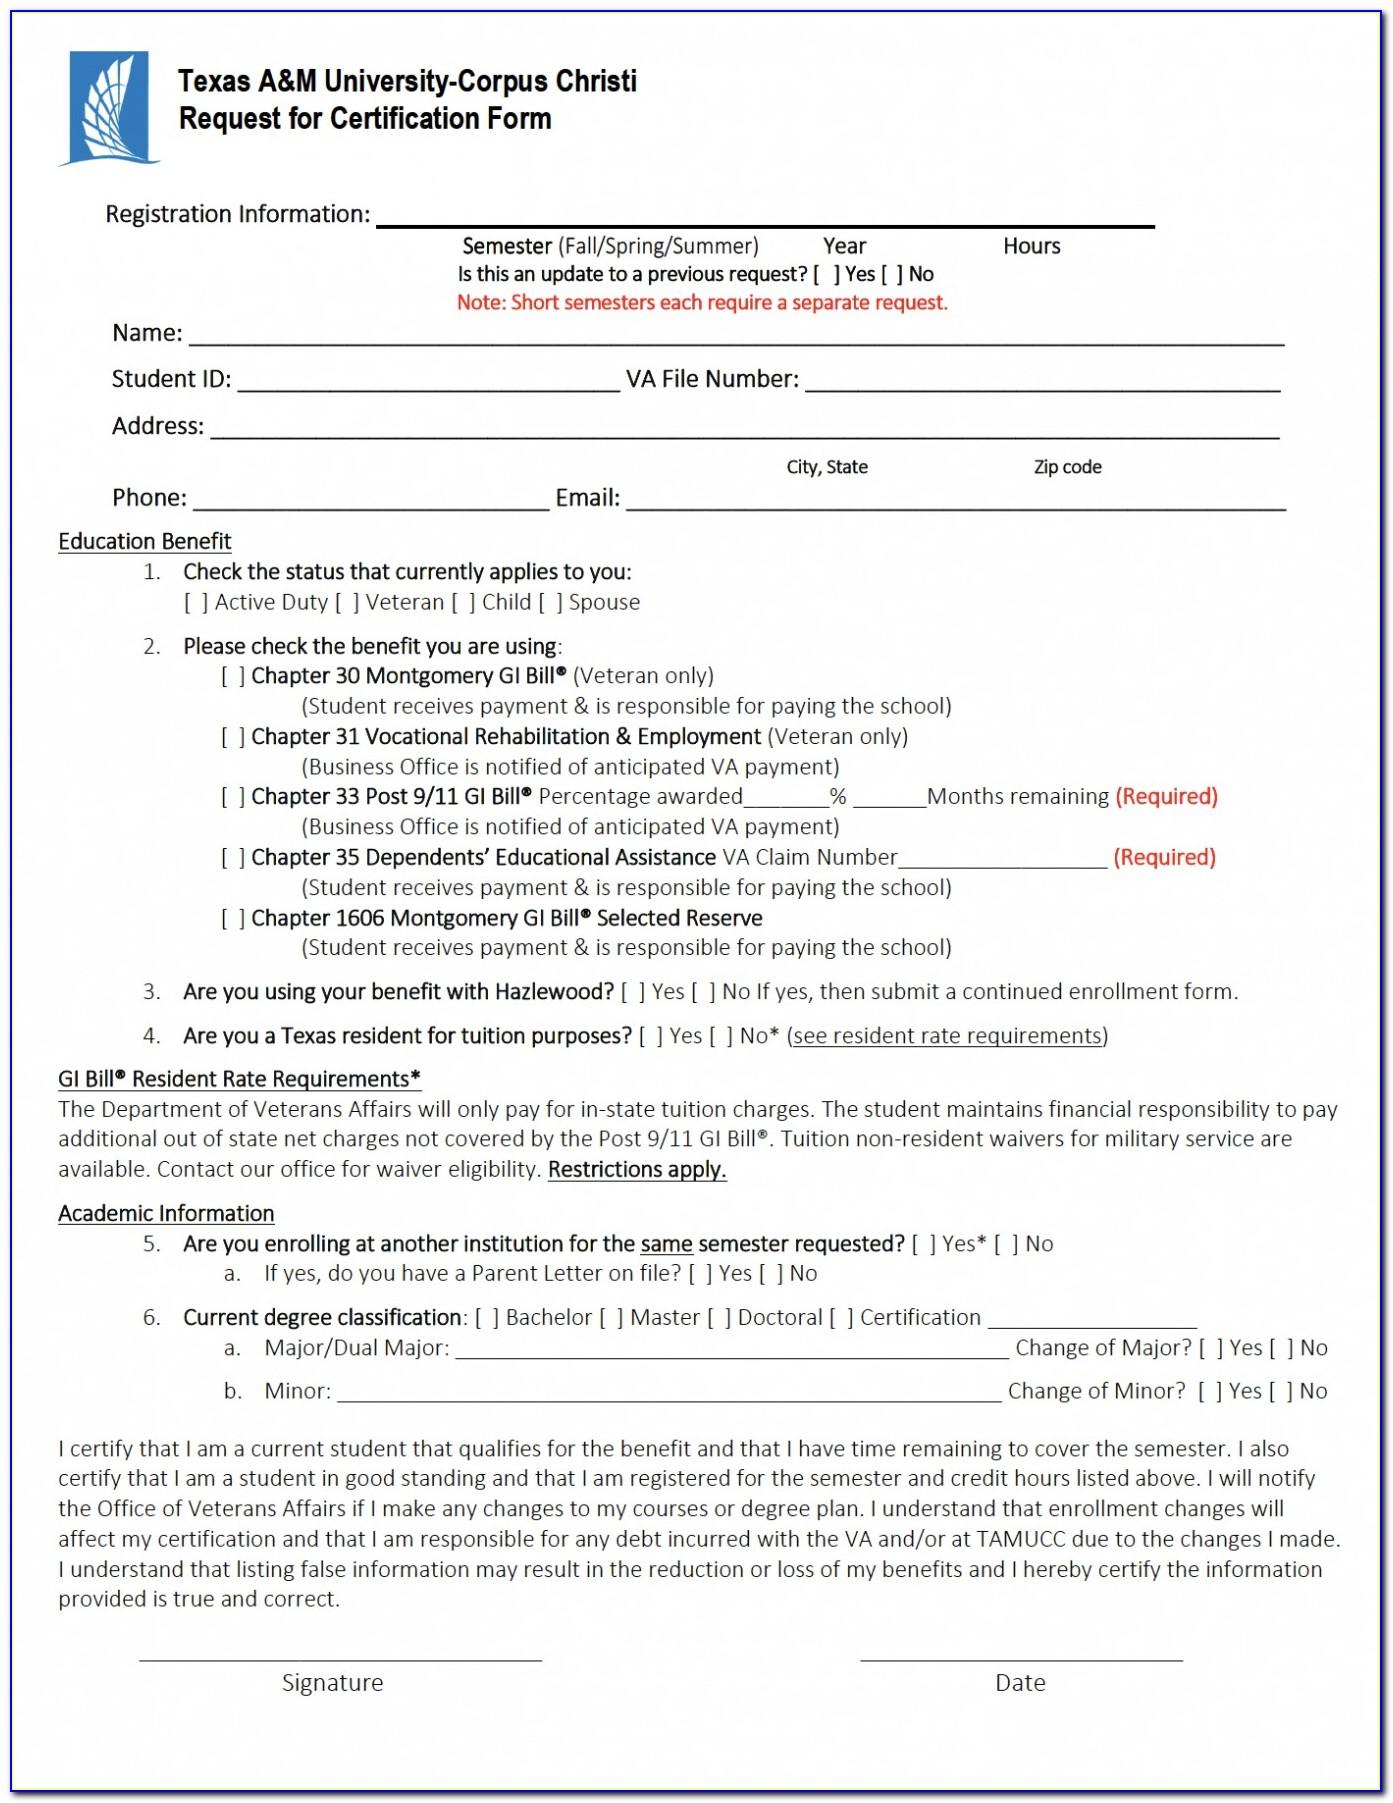 Va Loan Eligibility Form 26 1880